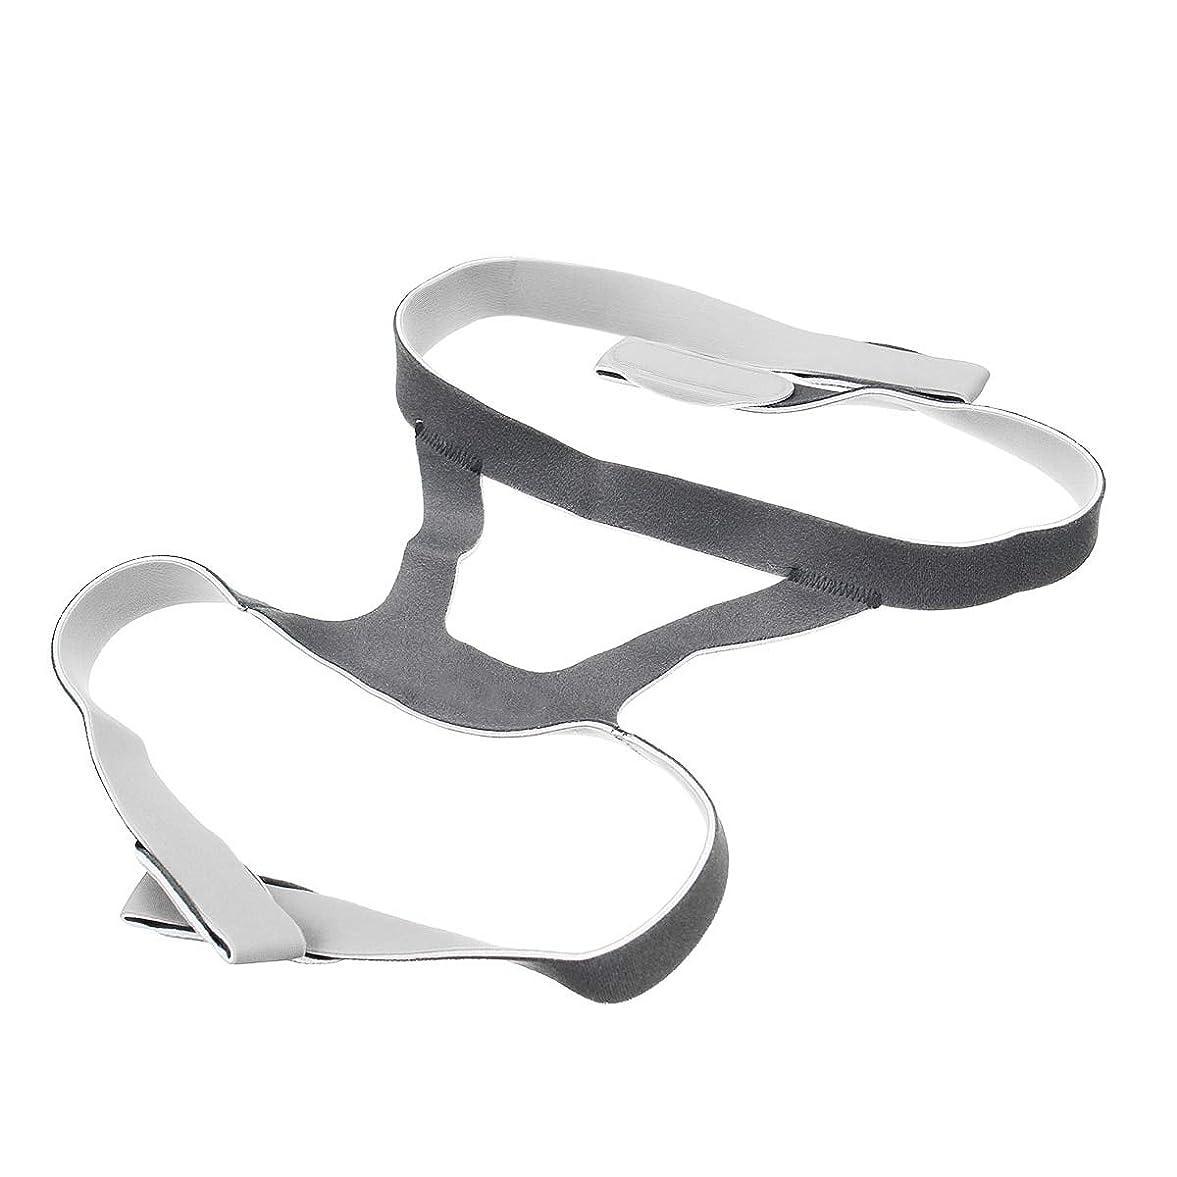 地下鉄エンドウポルティコNOTE ユニバーサルヘッドギアCPAPマスク弾性繊維いびき防止ヘッドバンド鼻マスクヘッドベルトフェイスマスクストラップ用援助睡眠